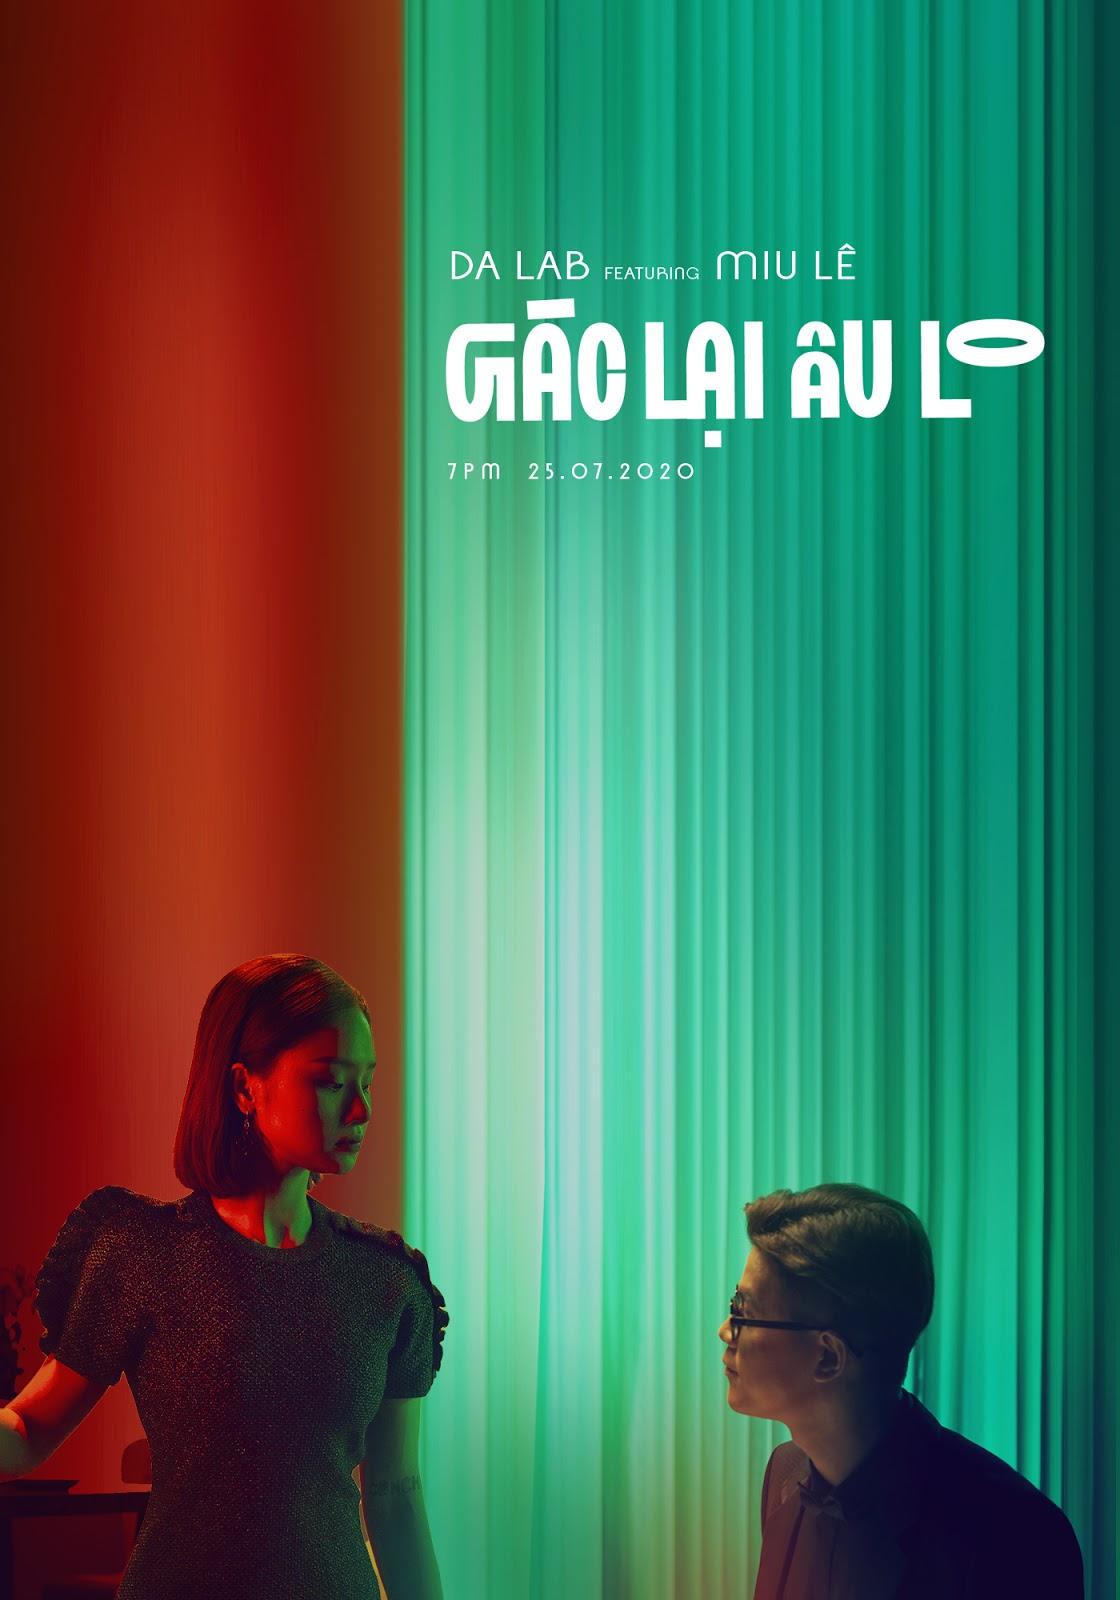 Miu Lê chính thức là nàng thơ tiếp theo trong dự án trở lại của Da LAB - Hình 2